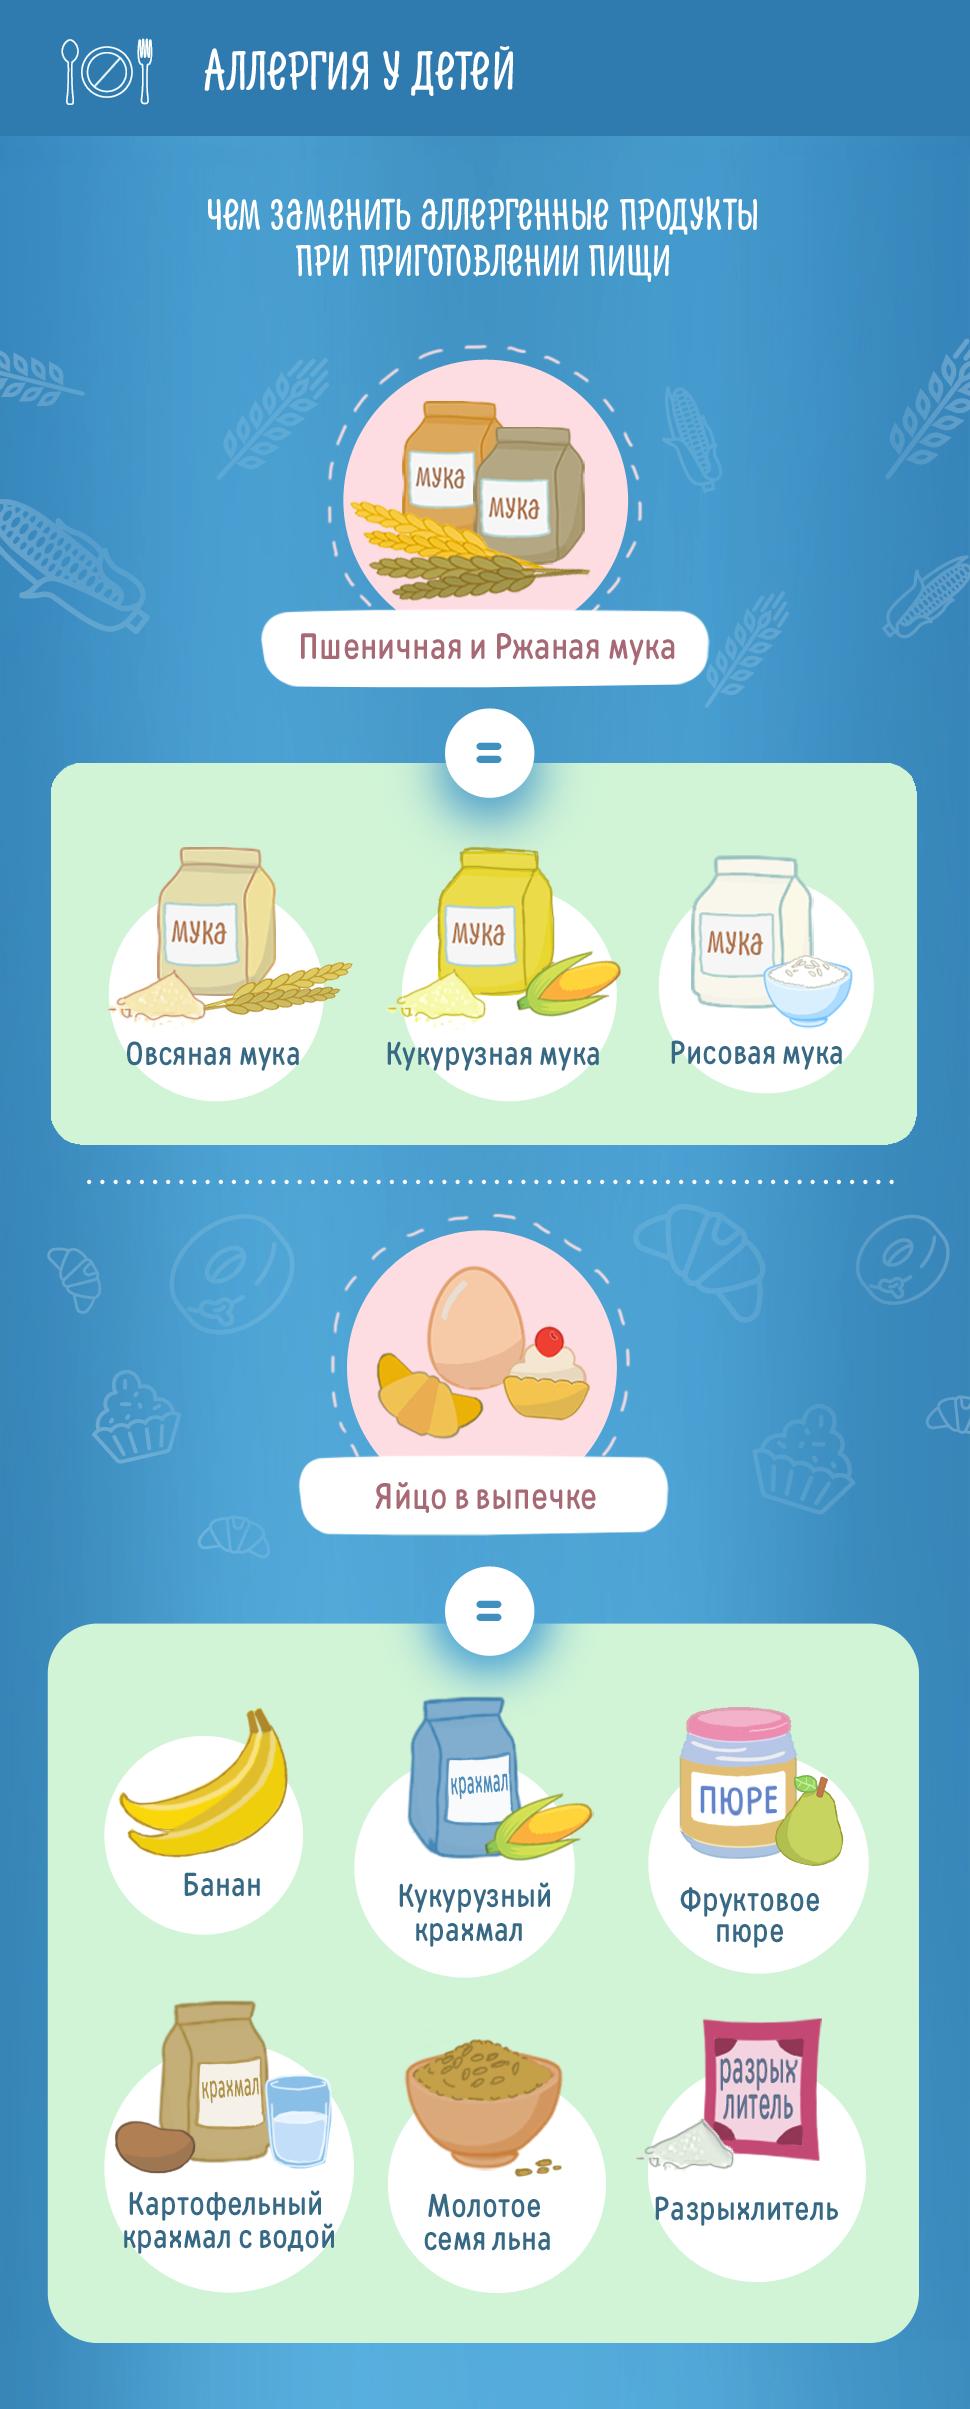 Чем заменить аллергенные продукты при приготовлении пищи детям